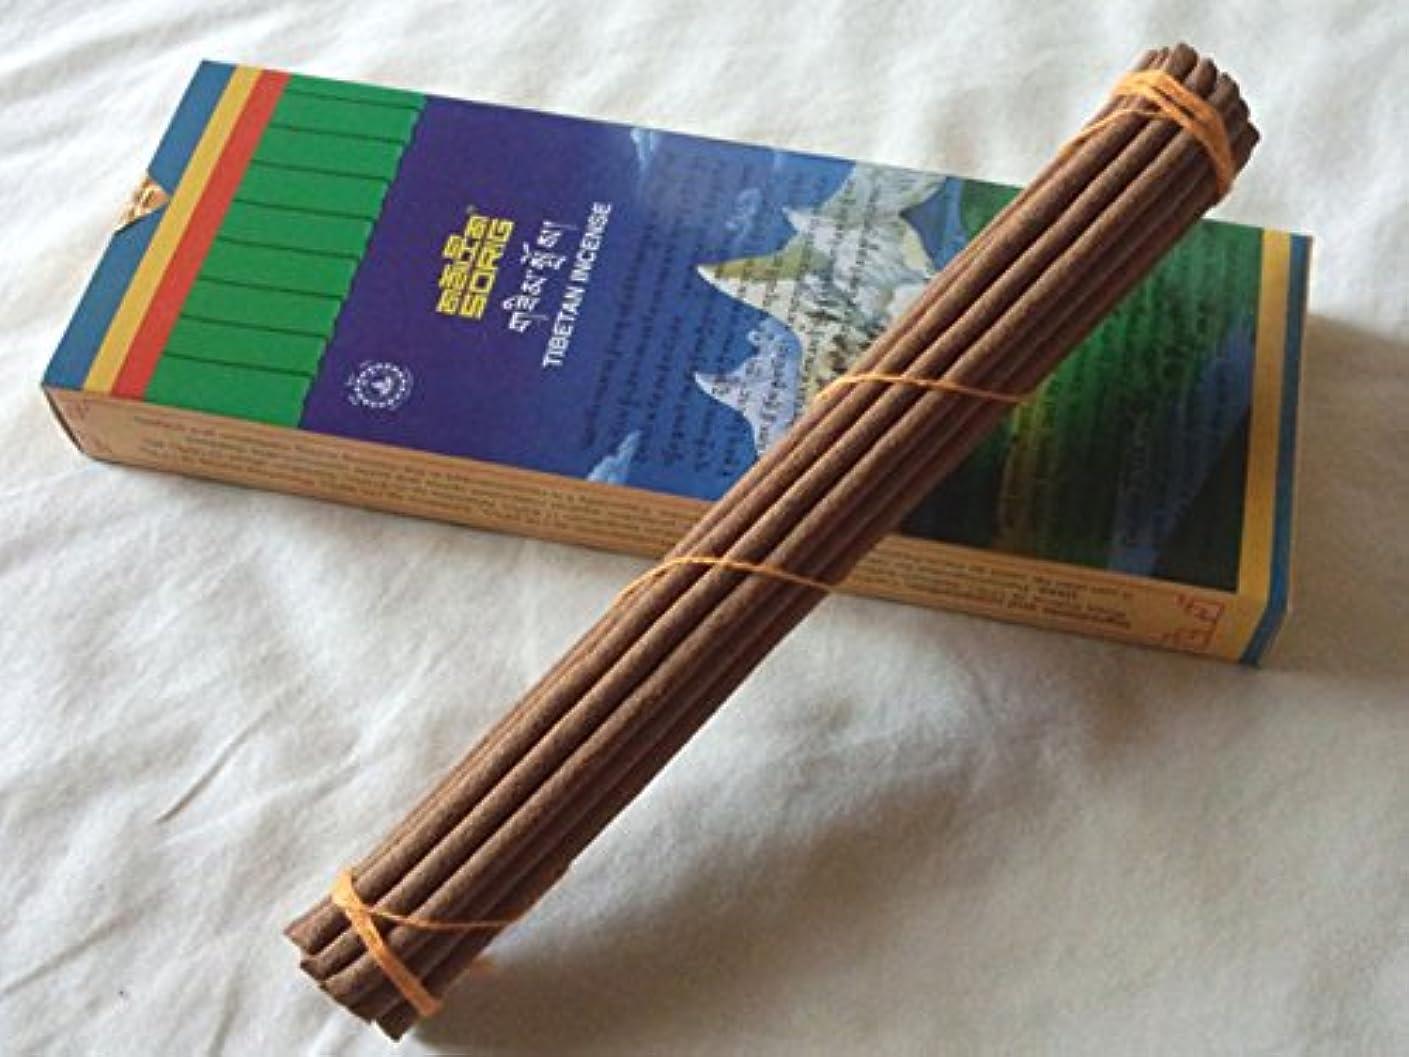 バーゲン助けになるコンパスMen-Tsee-Khang/メンツィカンのお香-お徳用トリプル SORIG Tibetan Incense big 約20本入×3束